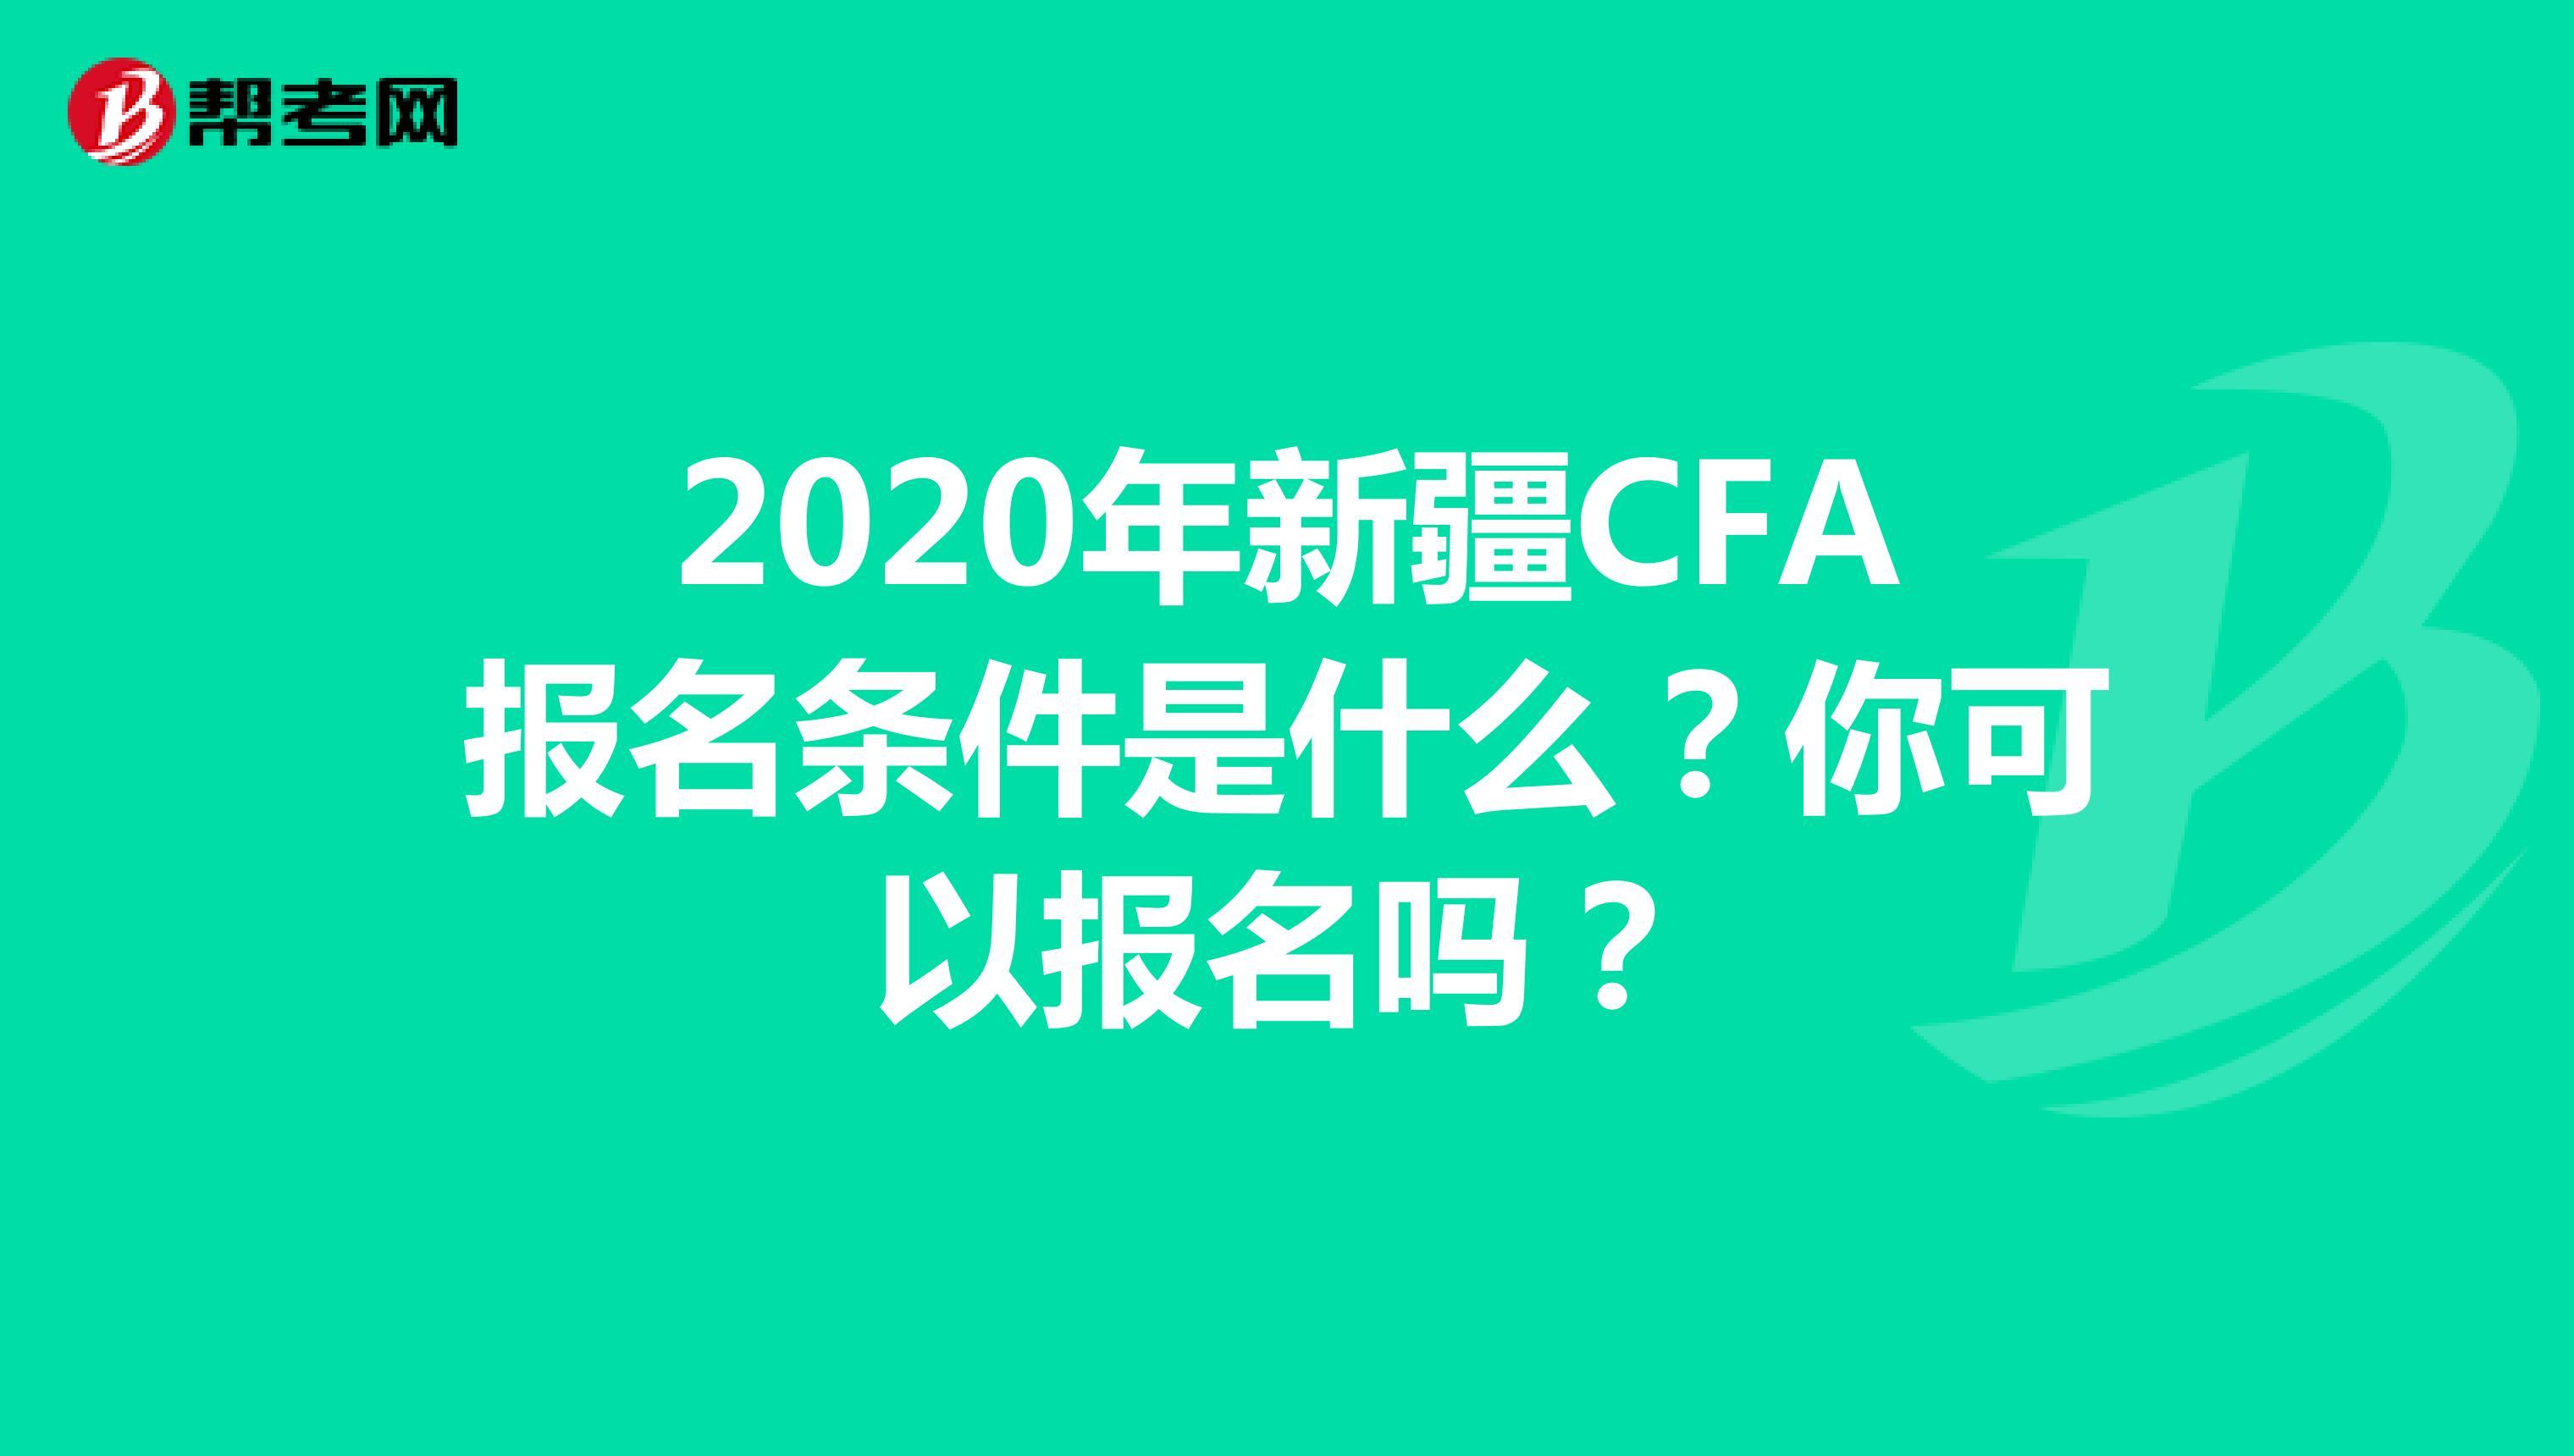 2020年新疆CFA报名条件是什么?你可以报名吗?